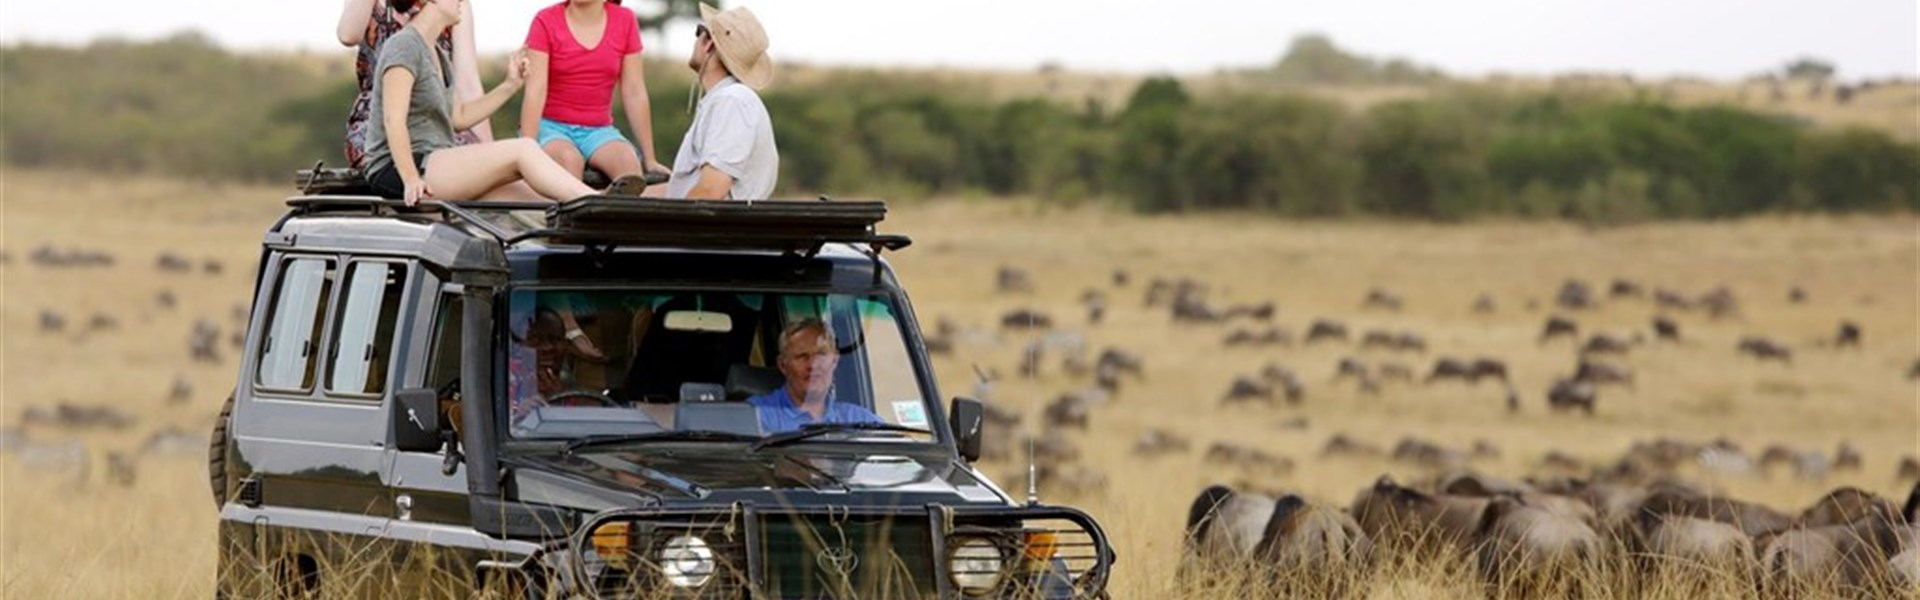 Putování za velkou pětkou s českým průvodcem - Safari v Keni_Masai Mara